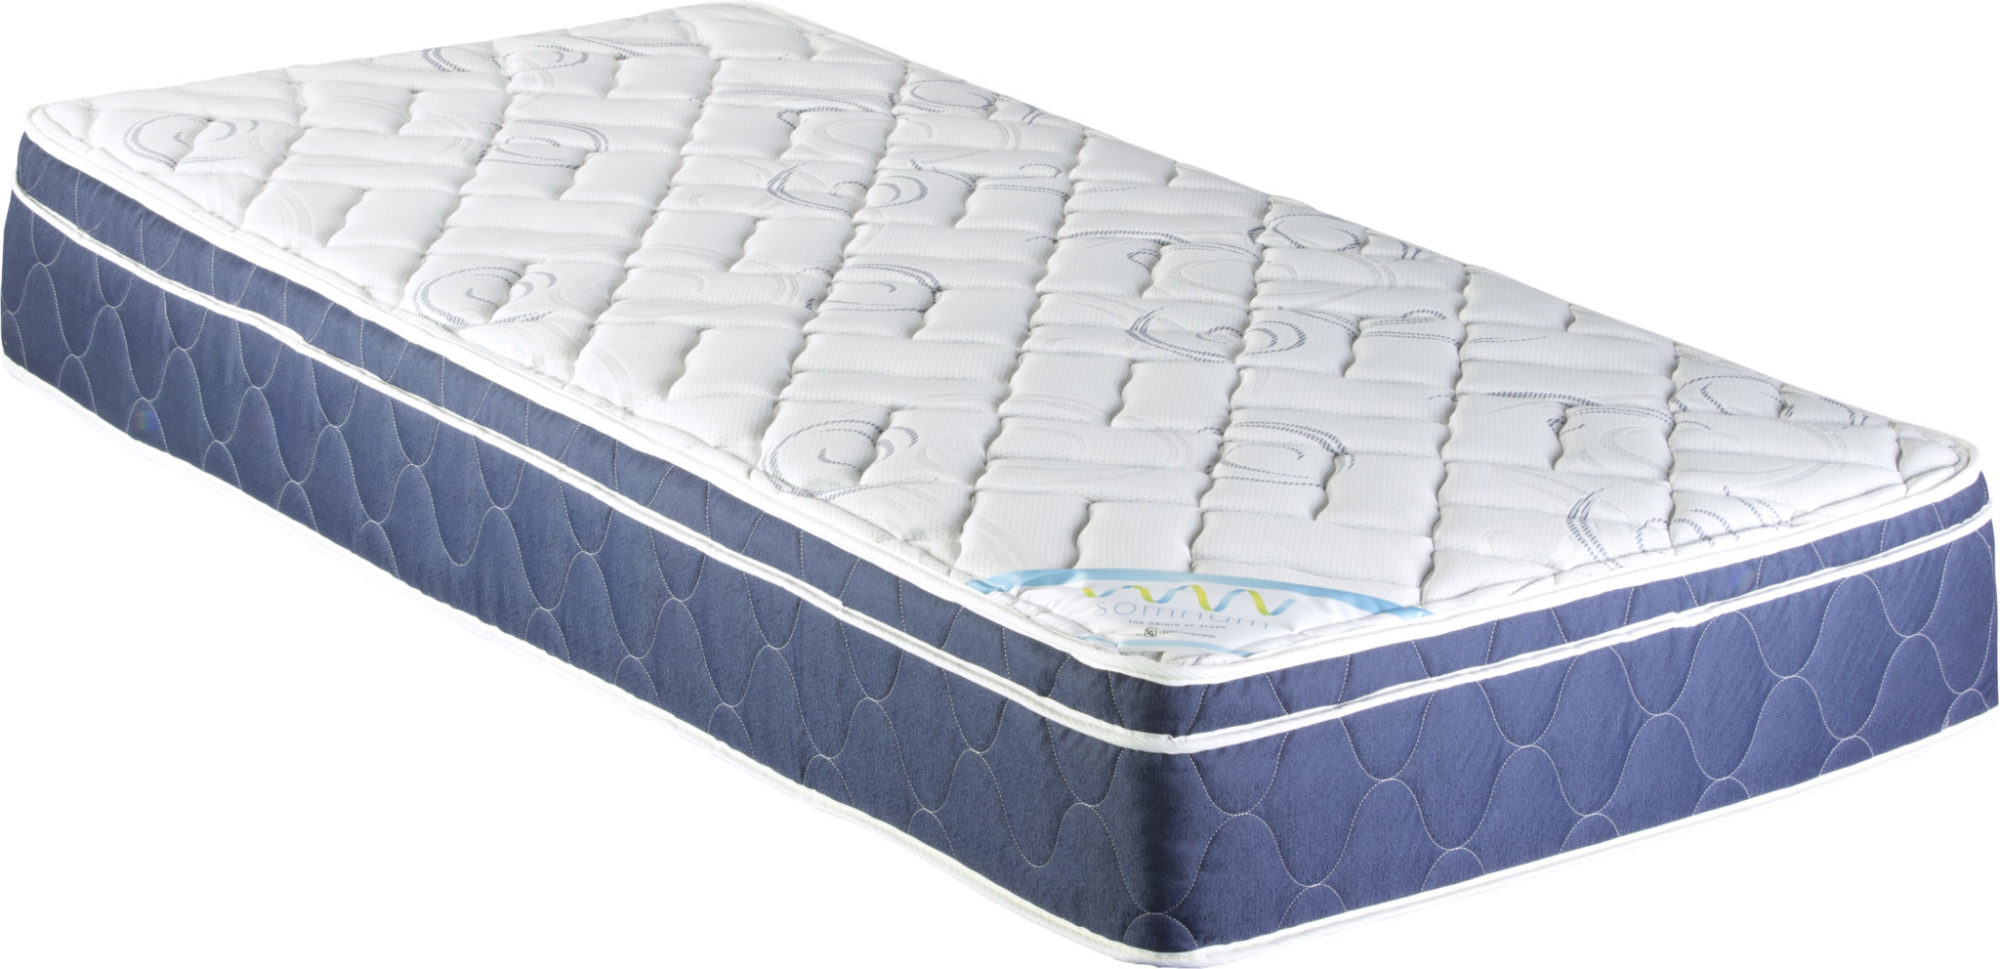 Somnum mattress